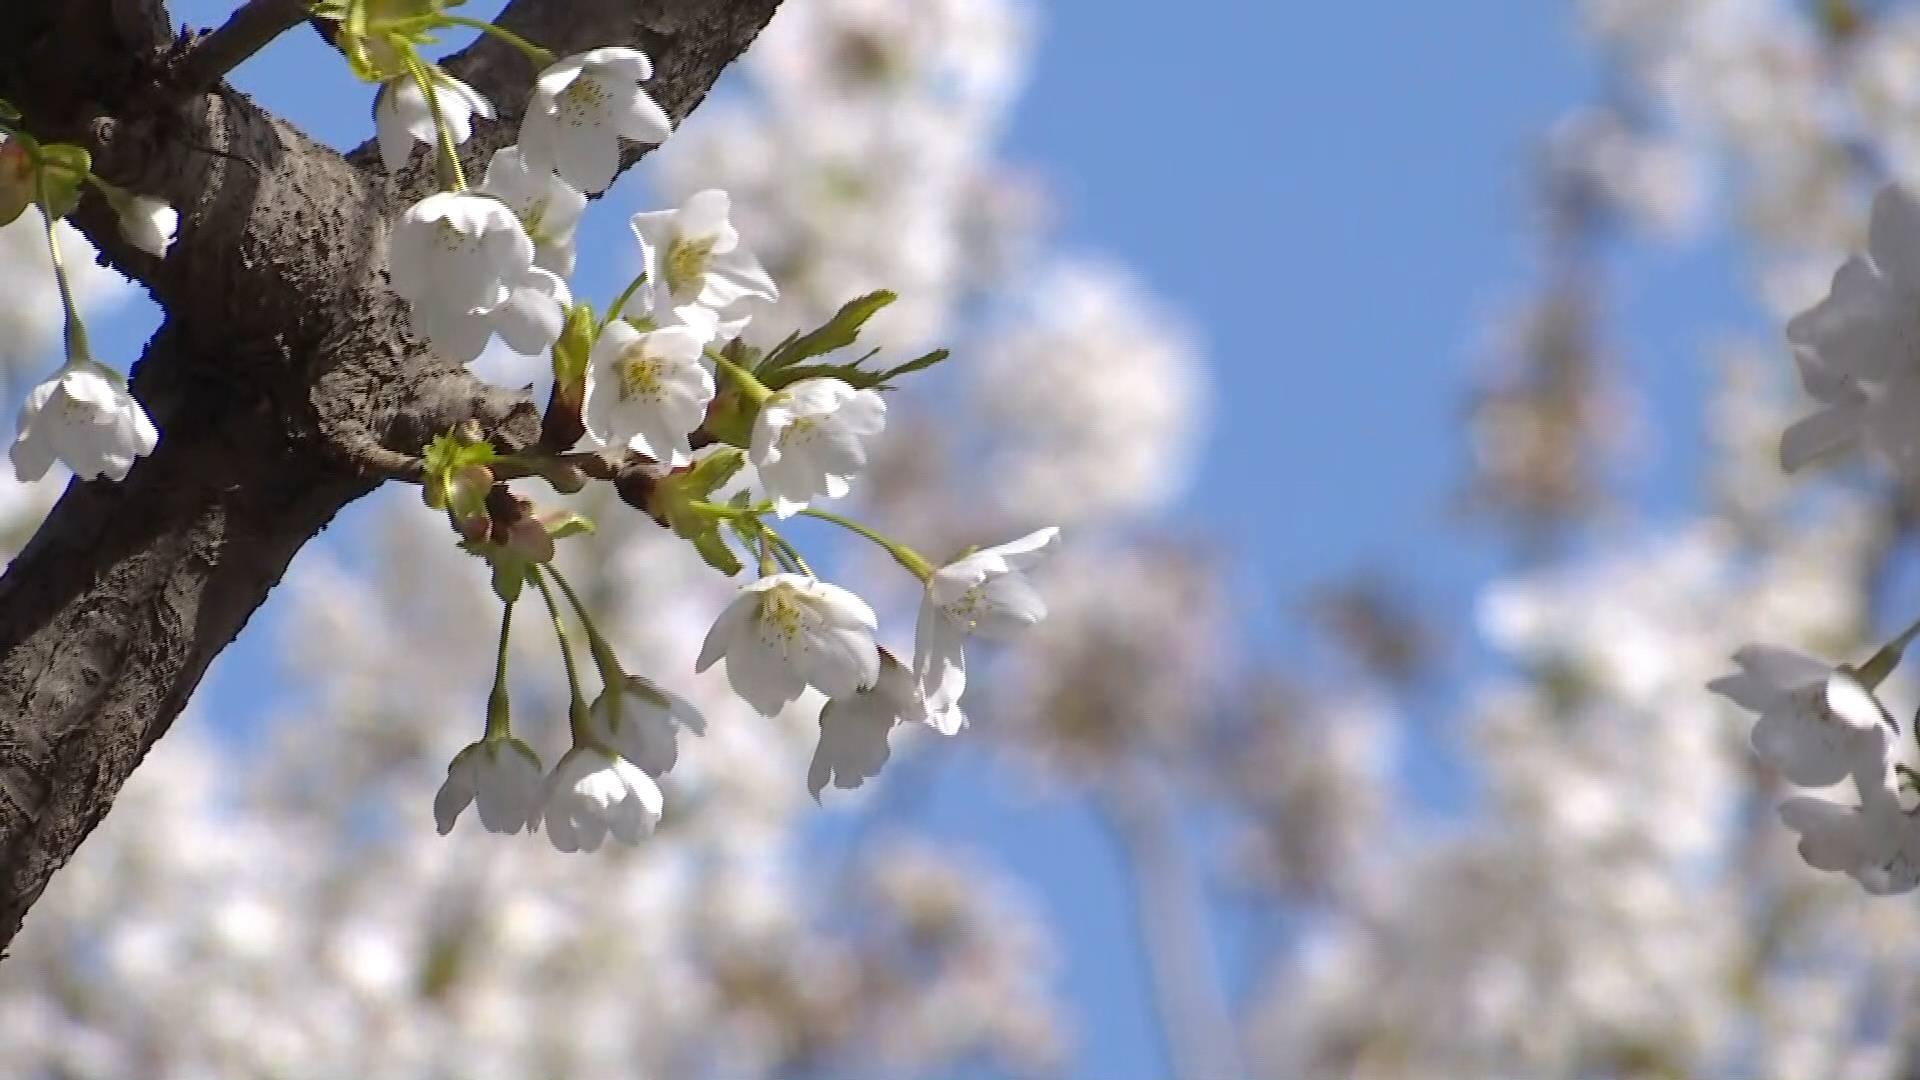 62秒|正是赏樱好时节!五龙潭樱花节邀你看樱花